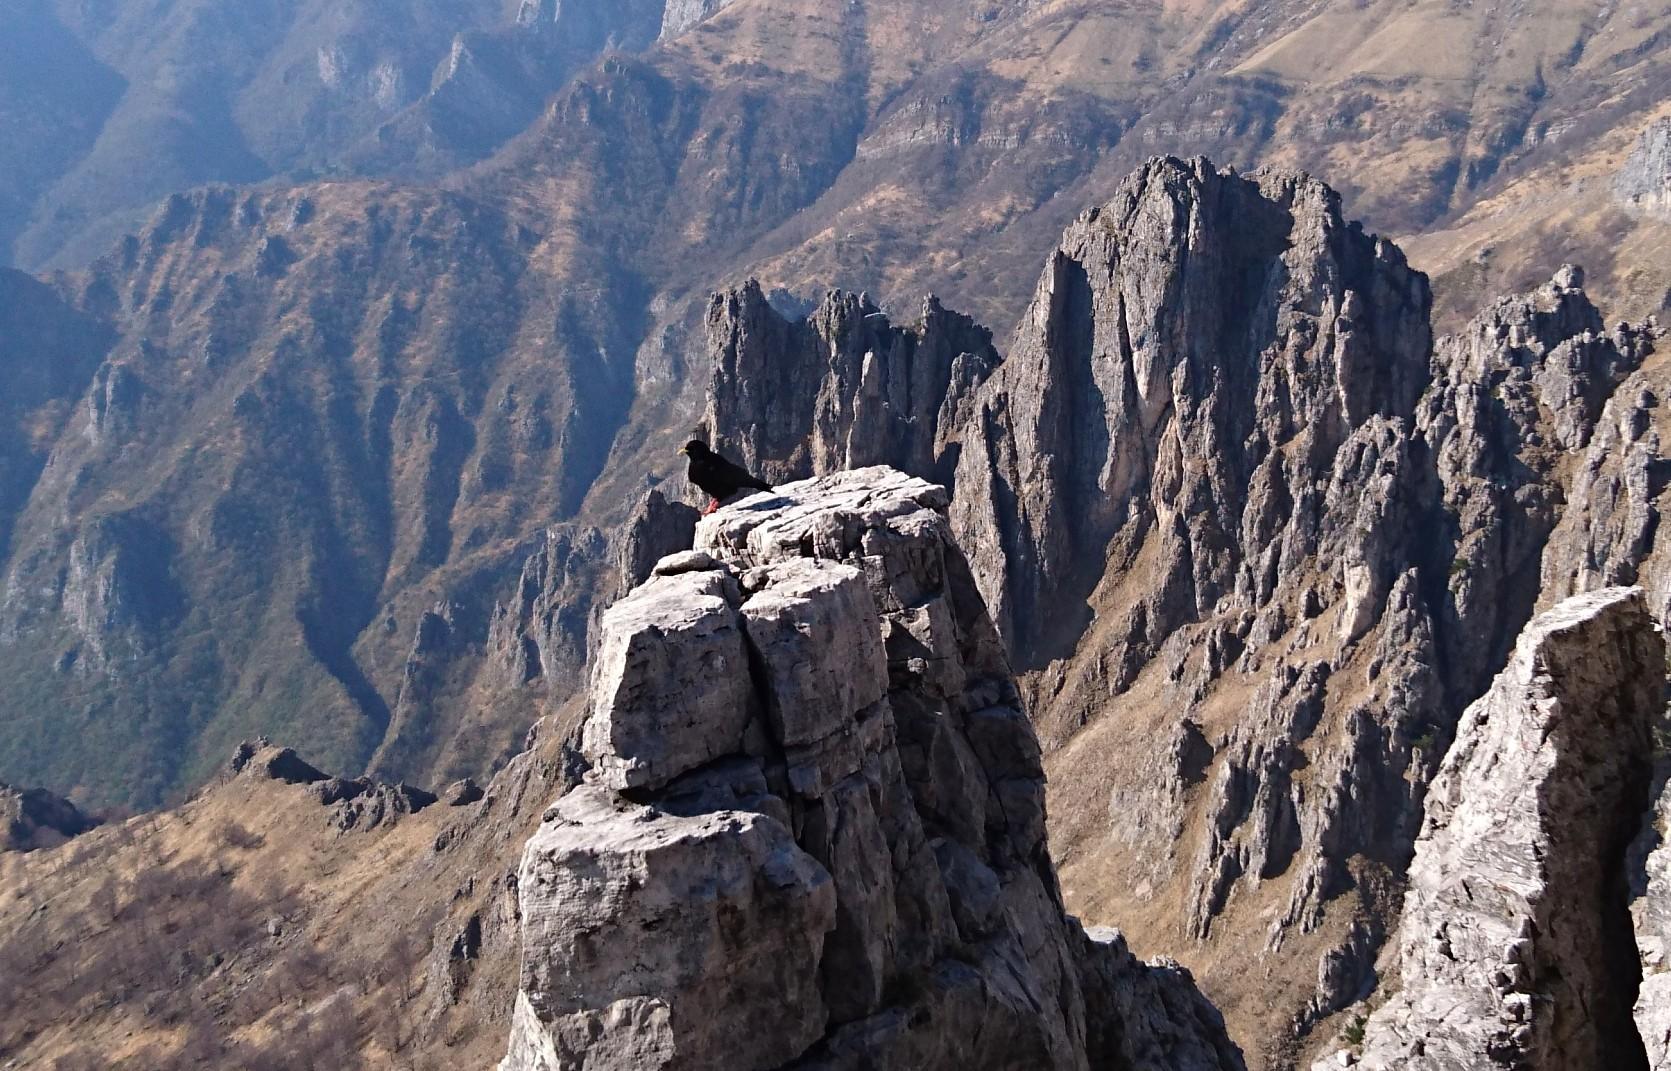 Gracchio alpino in attesa accanto alla cima, nella speranza che ci sia un po' di pappa anche per lui